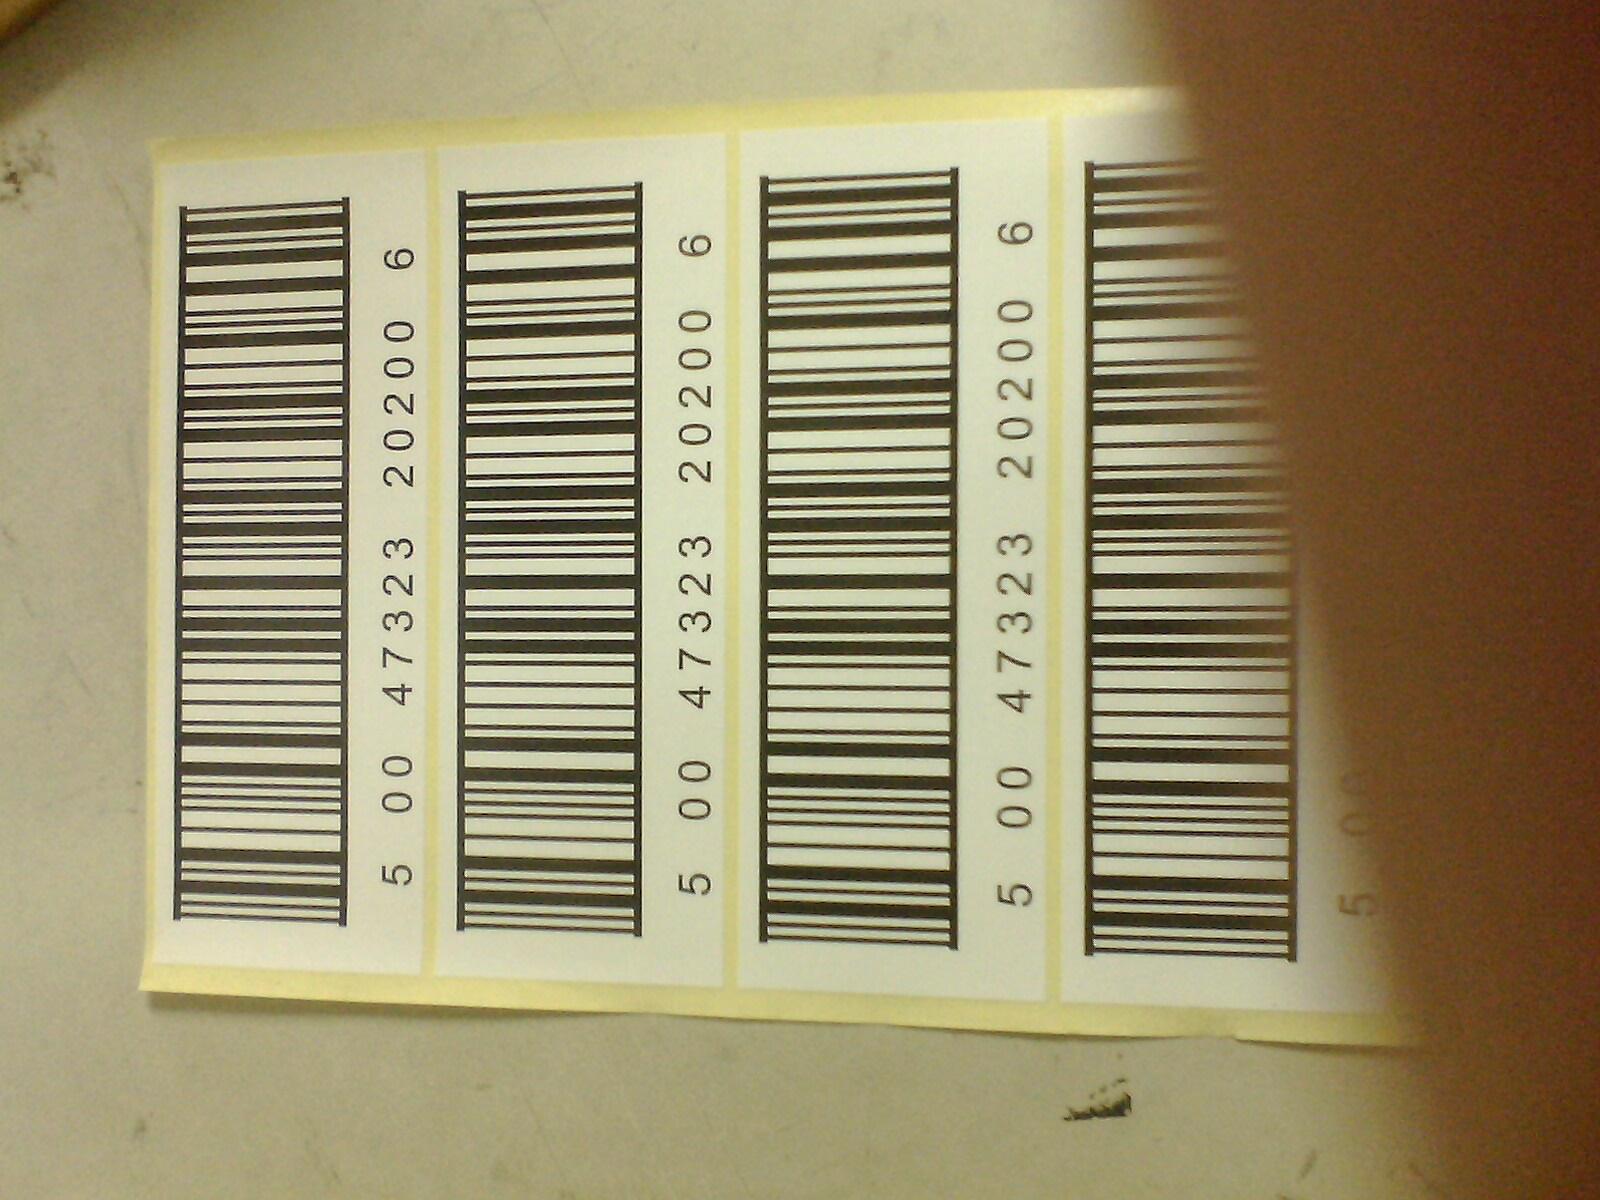 深圳哑银龙不干胶标签  铜板纸不干胶,易碎纸不干胶, 不干胶标签哪家好 不干胶标签供应商